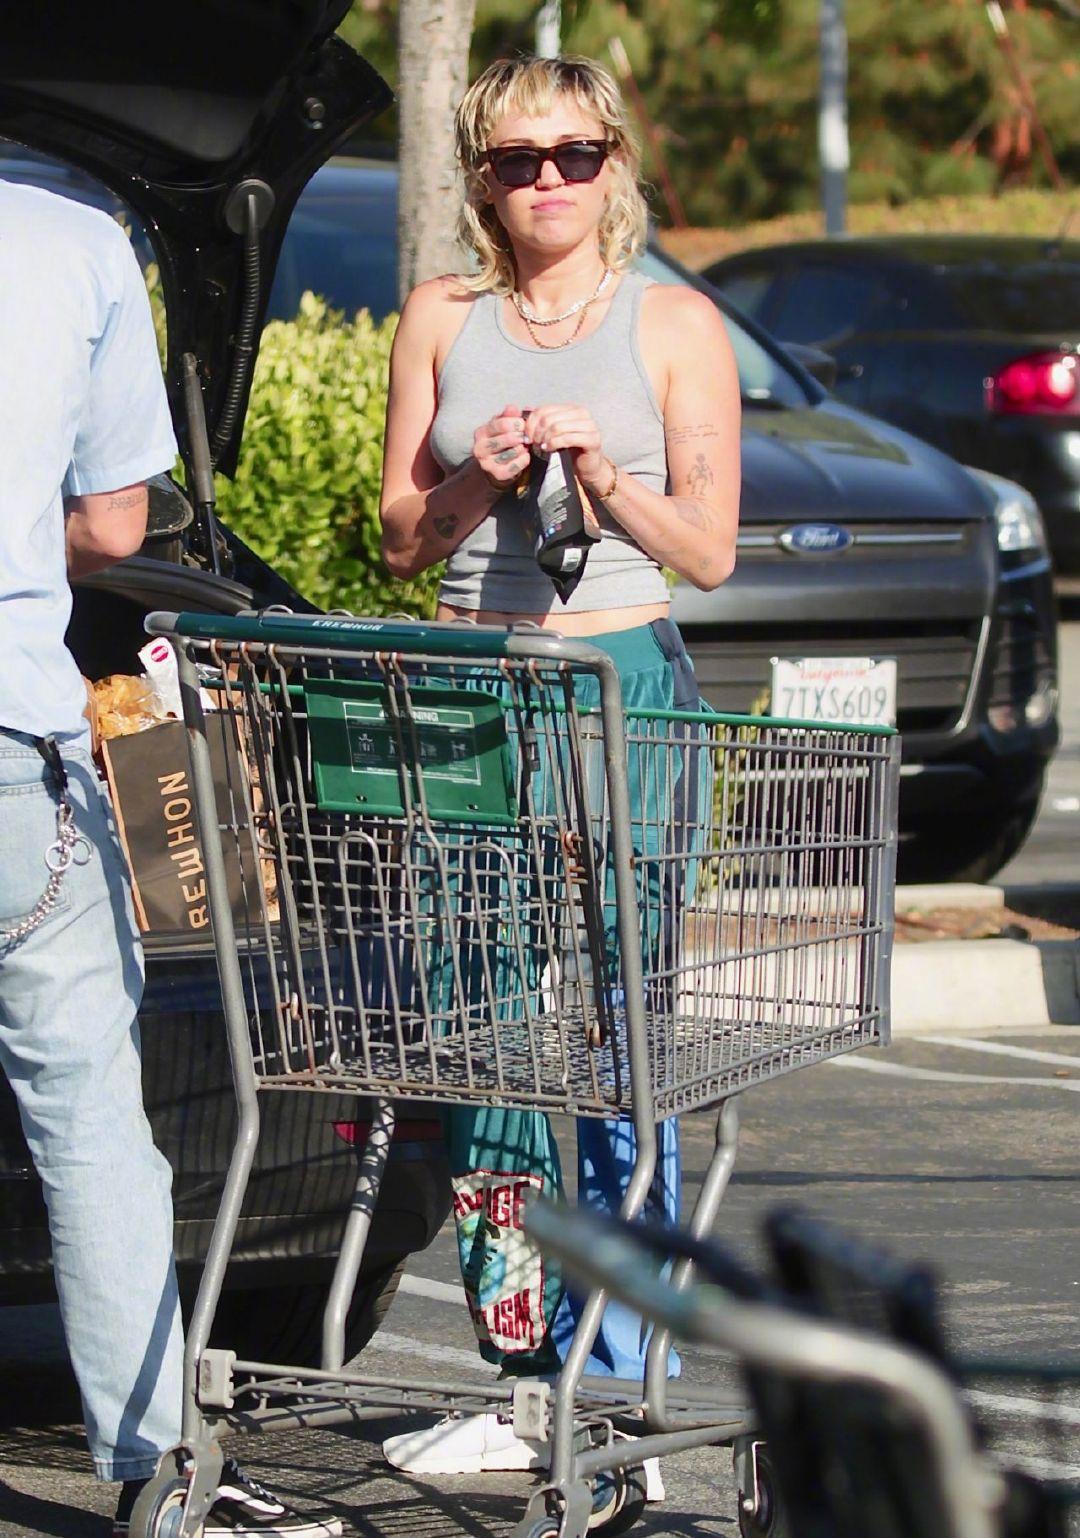 麦莉Miley Cyrus在洛杉矶外出购物囤货被拍